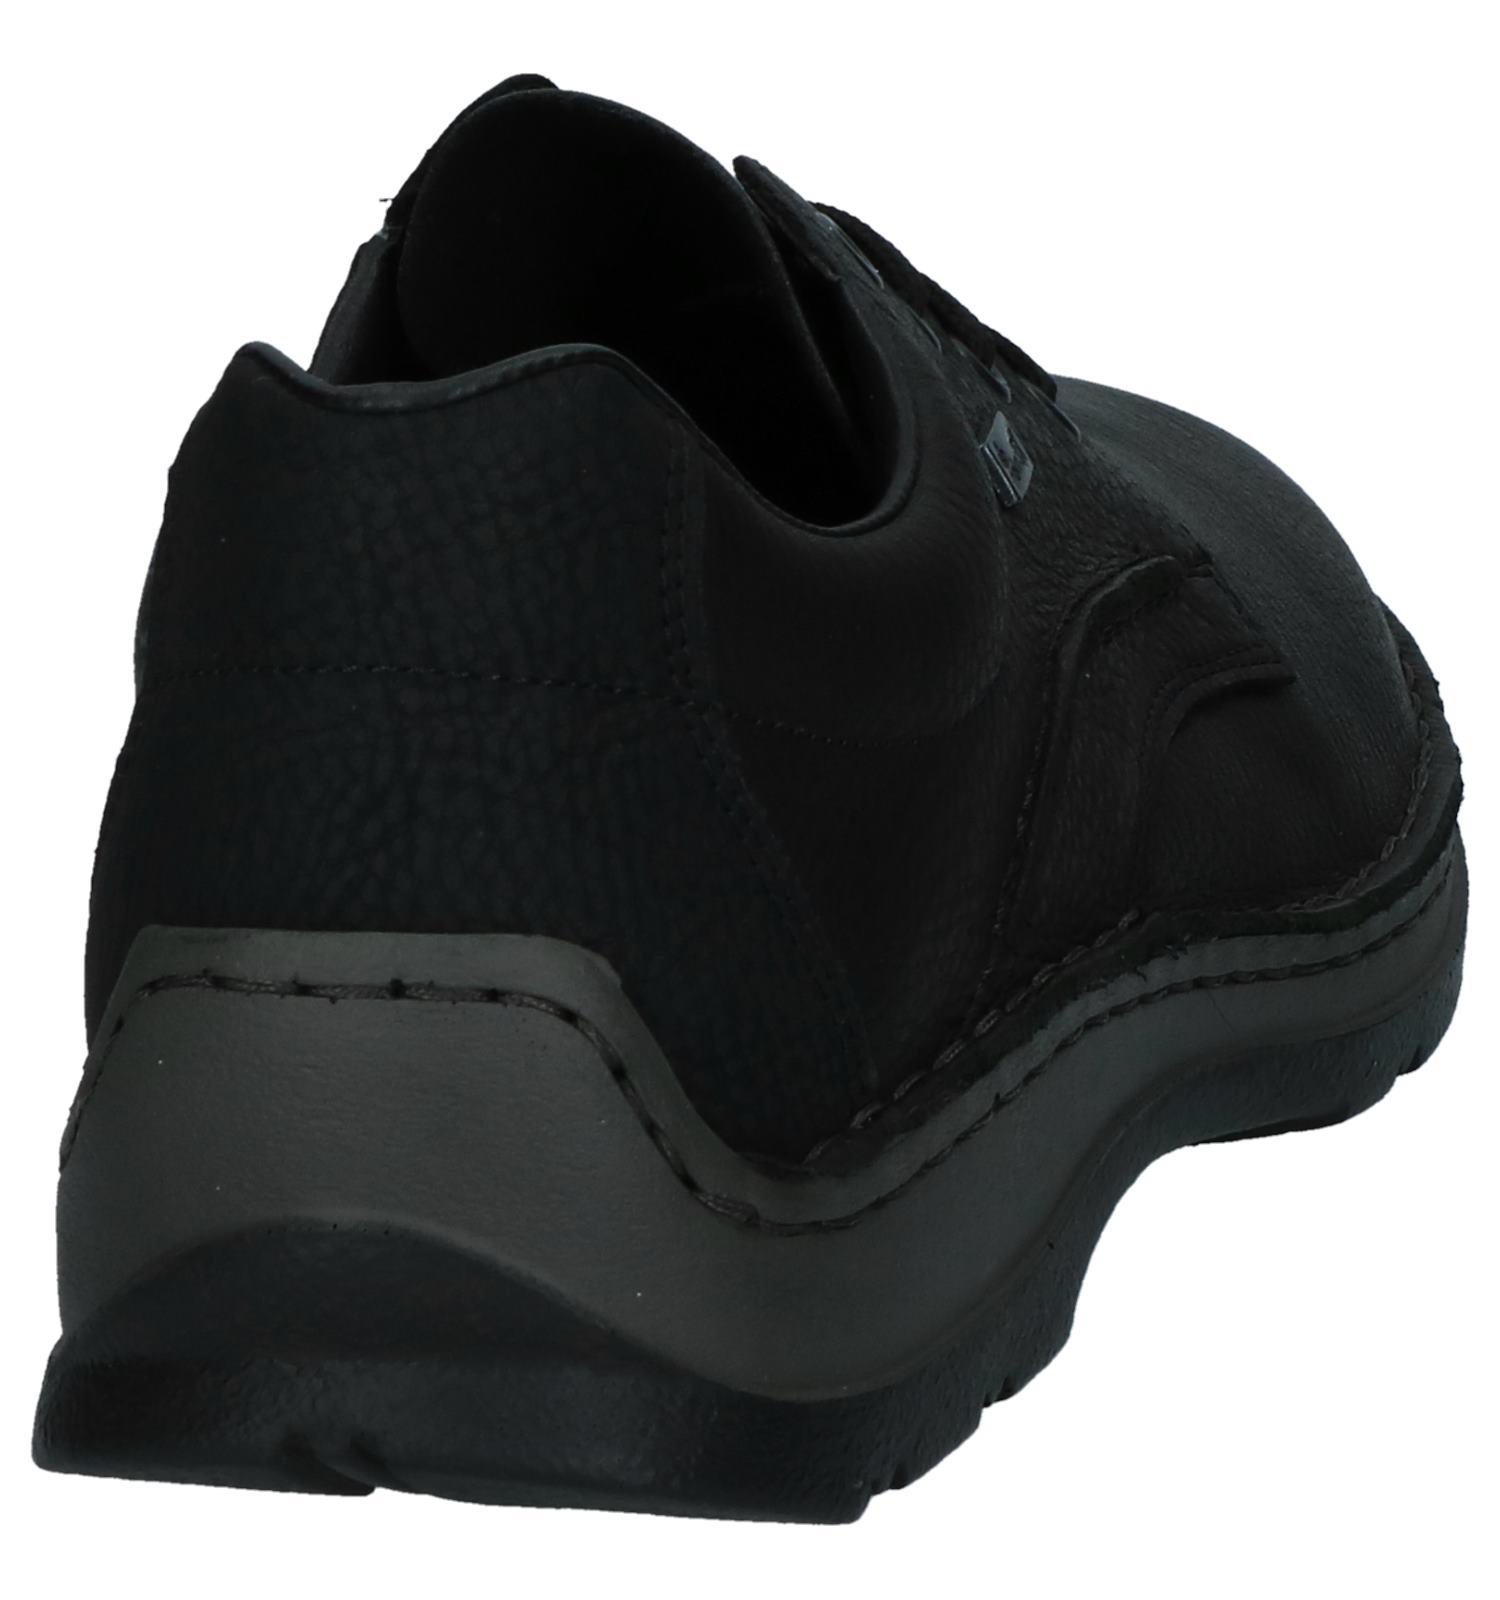 Rieker Zwarte Veterschoenen Veterschoenen Zwarte Rieker Comfortabele Rieker Comfortabele MpLjUGqzSV